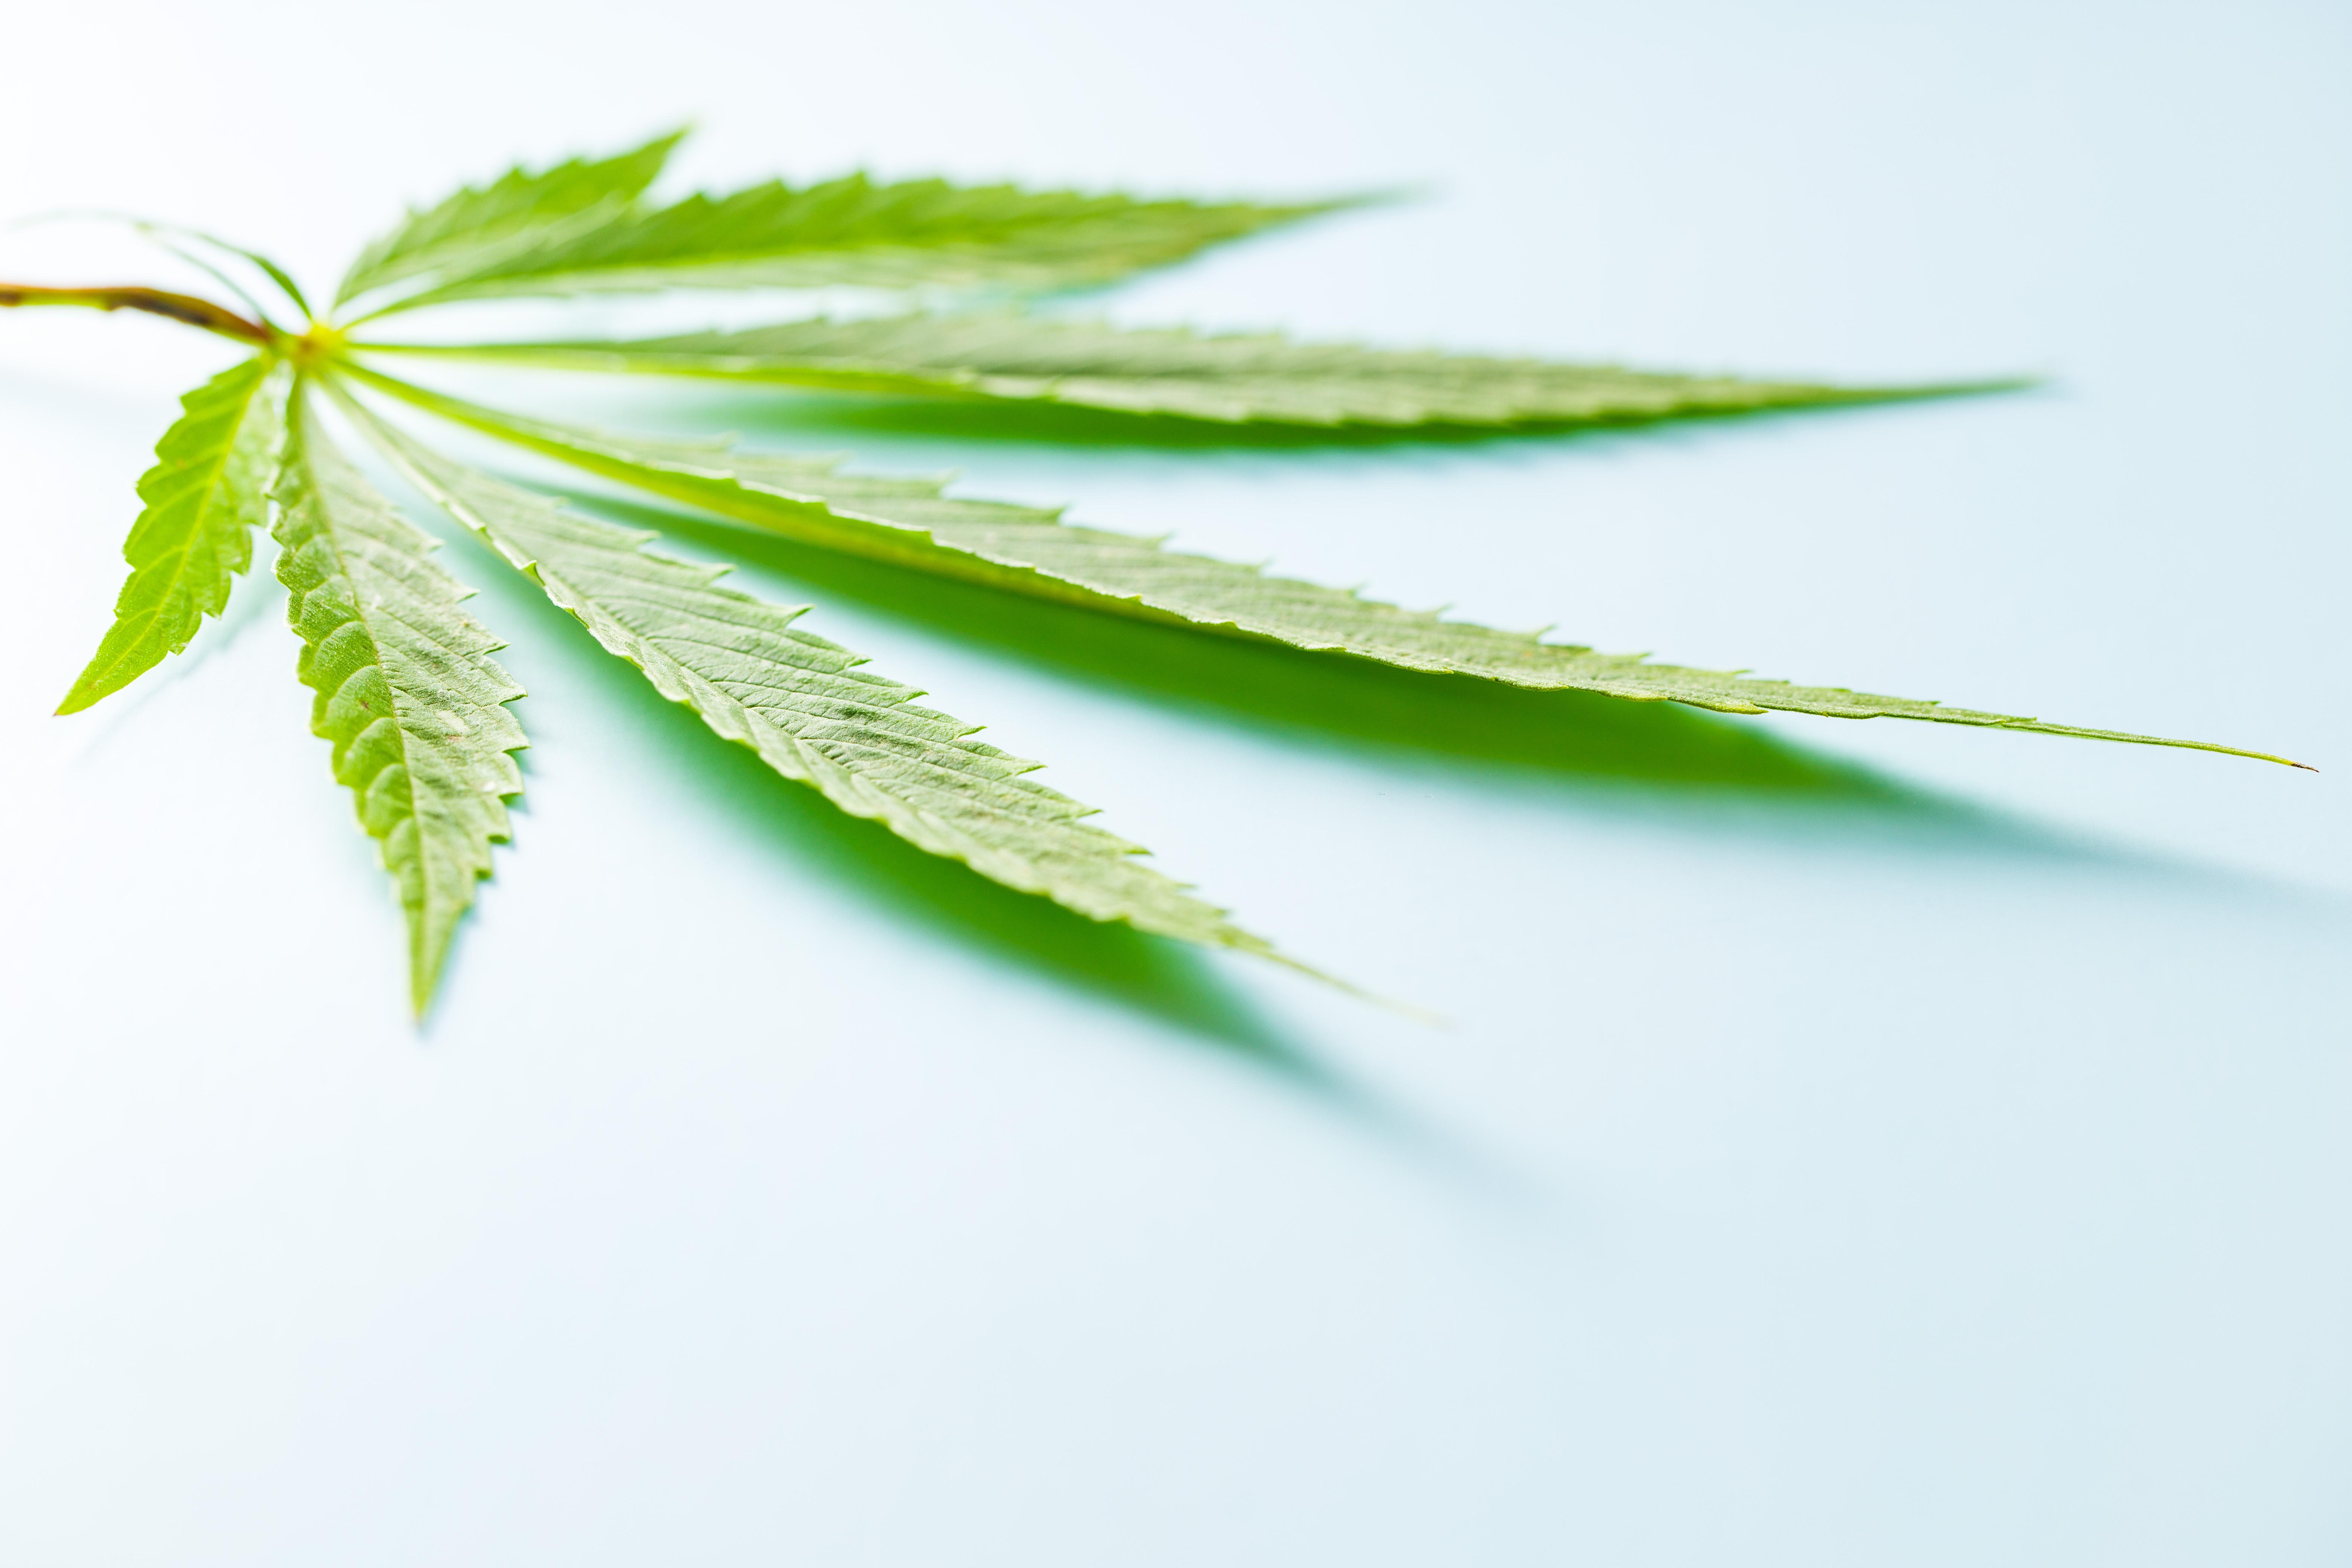 [Fallbericht] Cannabisvollextrakt-Öl bei metastasiertem Brustkrebs mit zahlreichen Nebenerkrankungen – eine beispiellose Erfolgsgeschichte